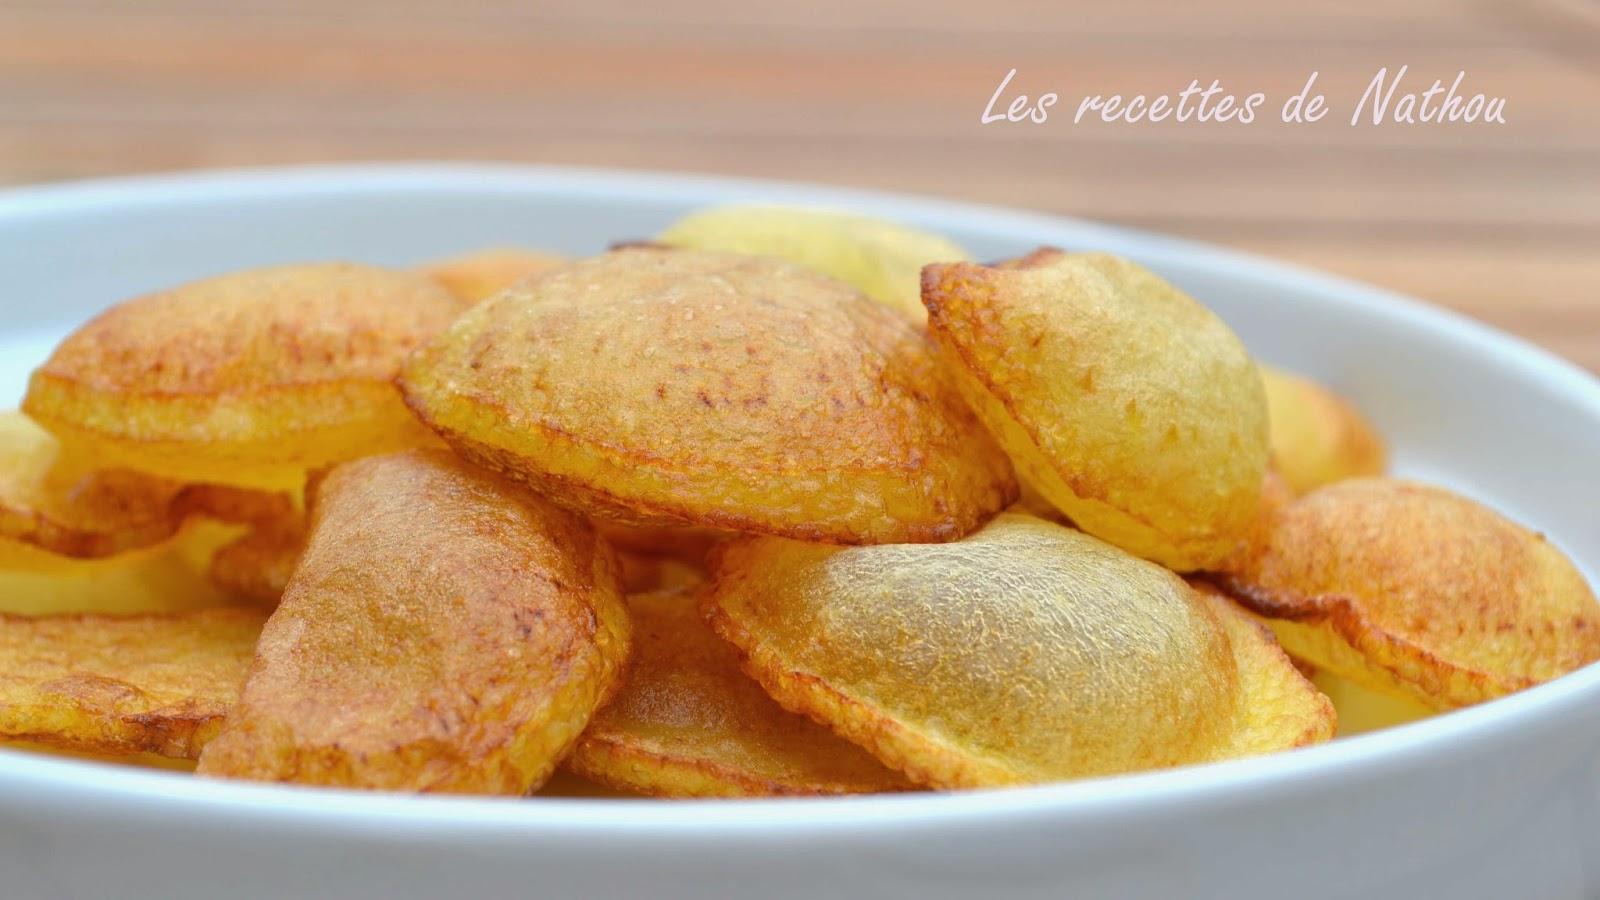 Les recettes de nathou pommes de terre souffl es - Quand semer les pommes de terre ...